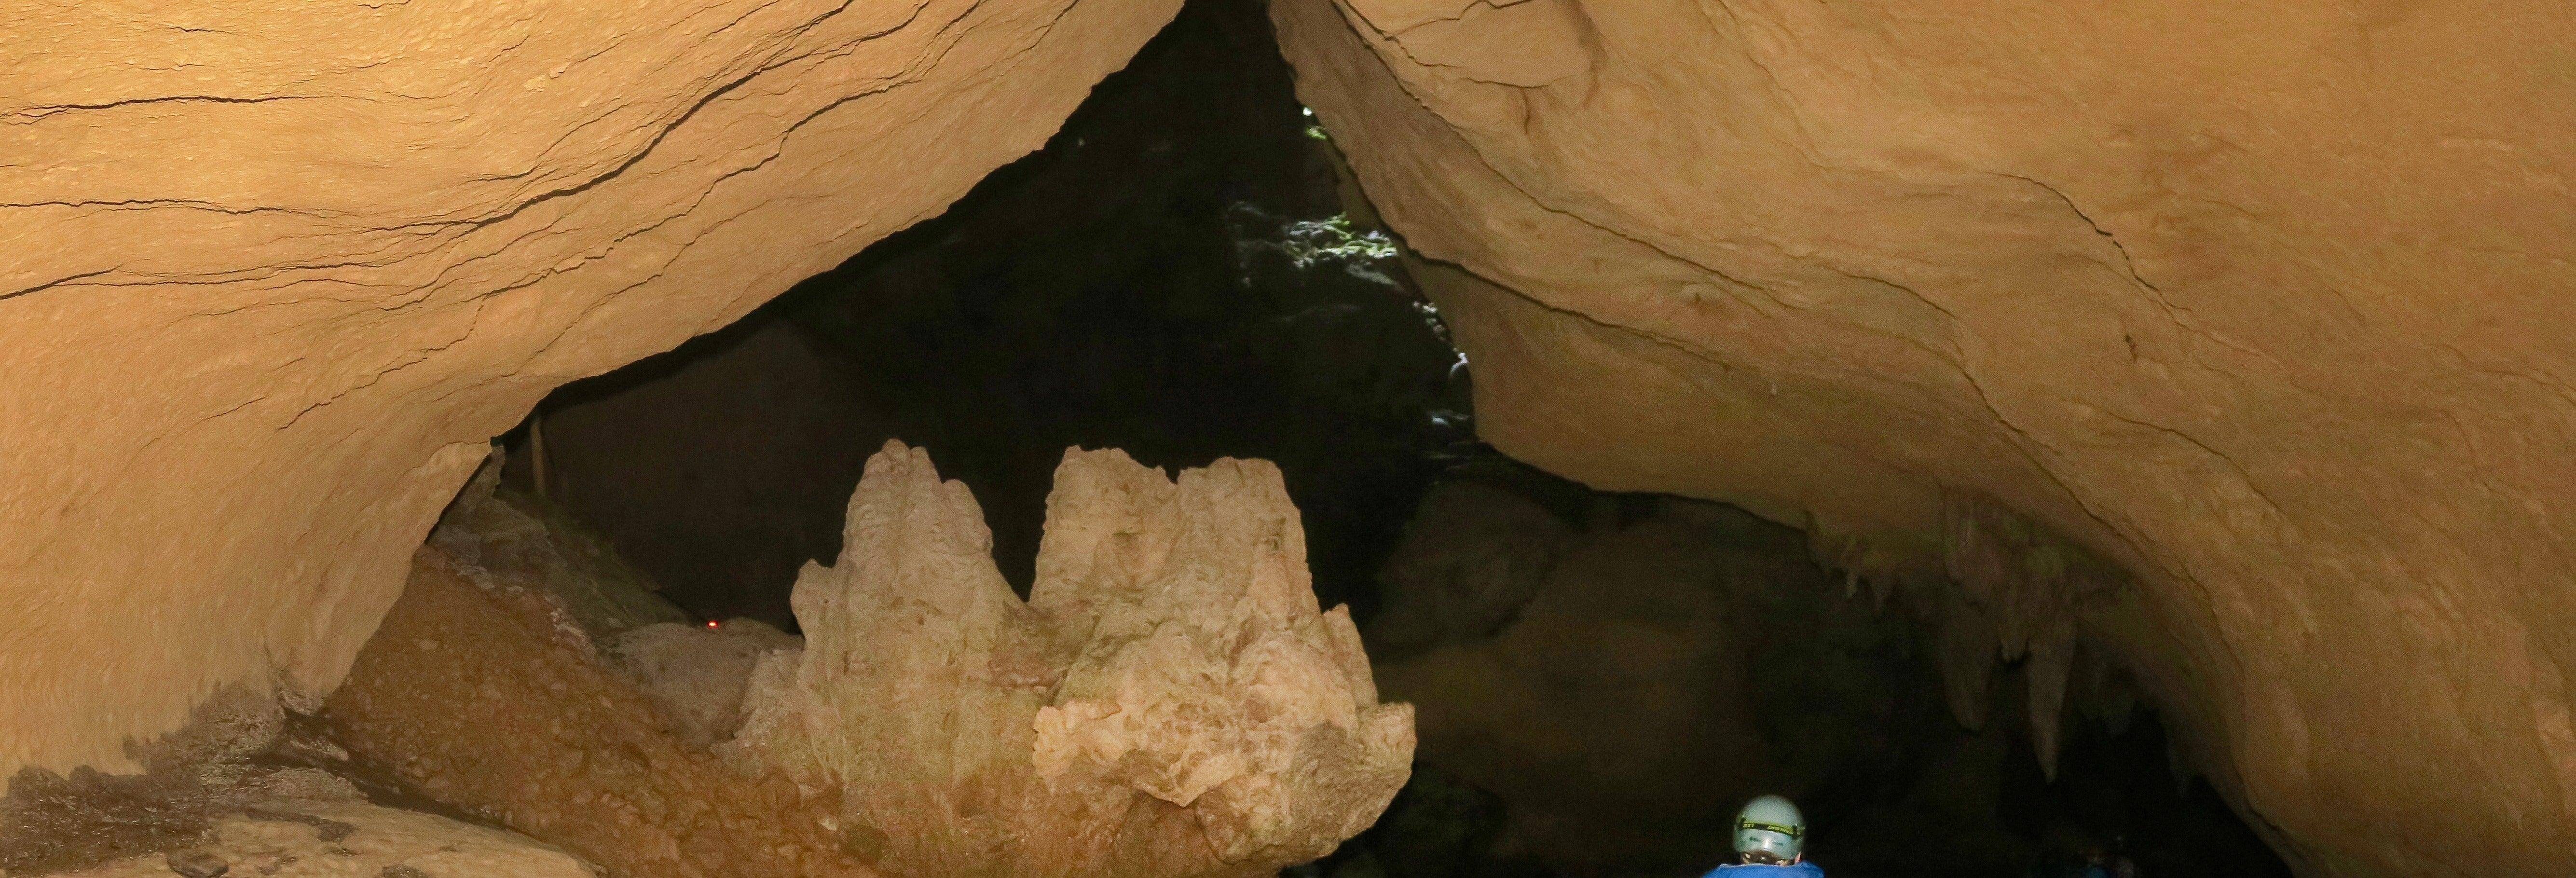 Tirolina y Cave Tubing en el Parque Jaguar Paw